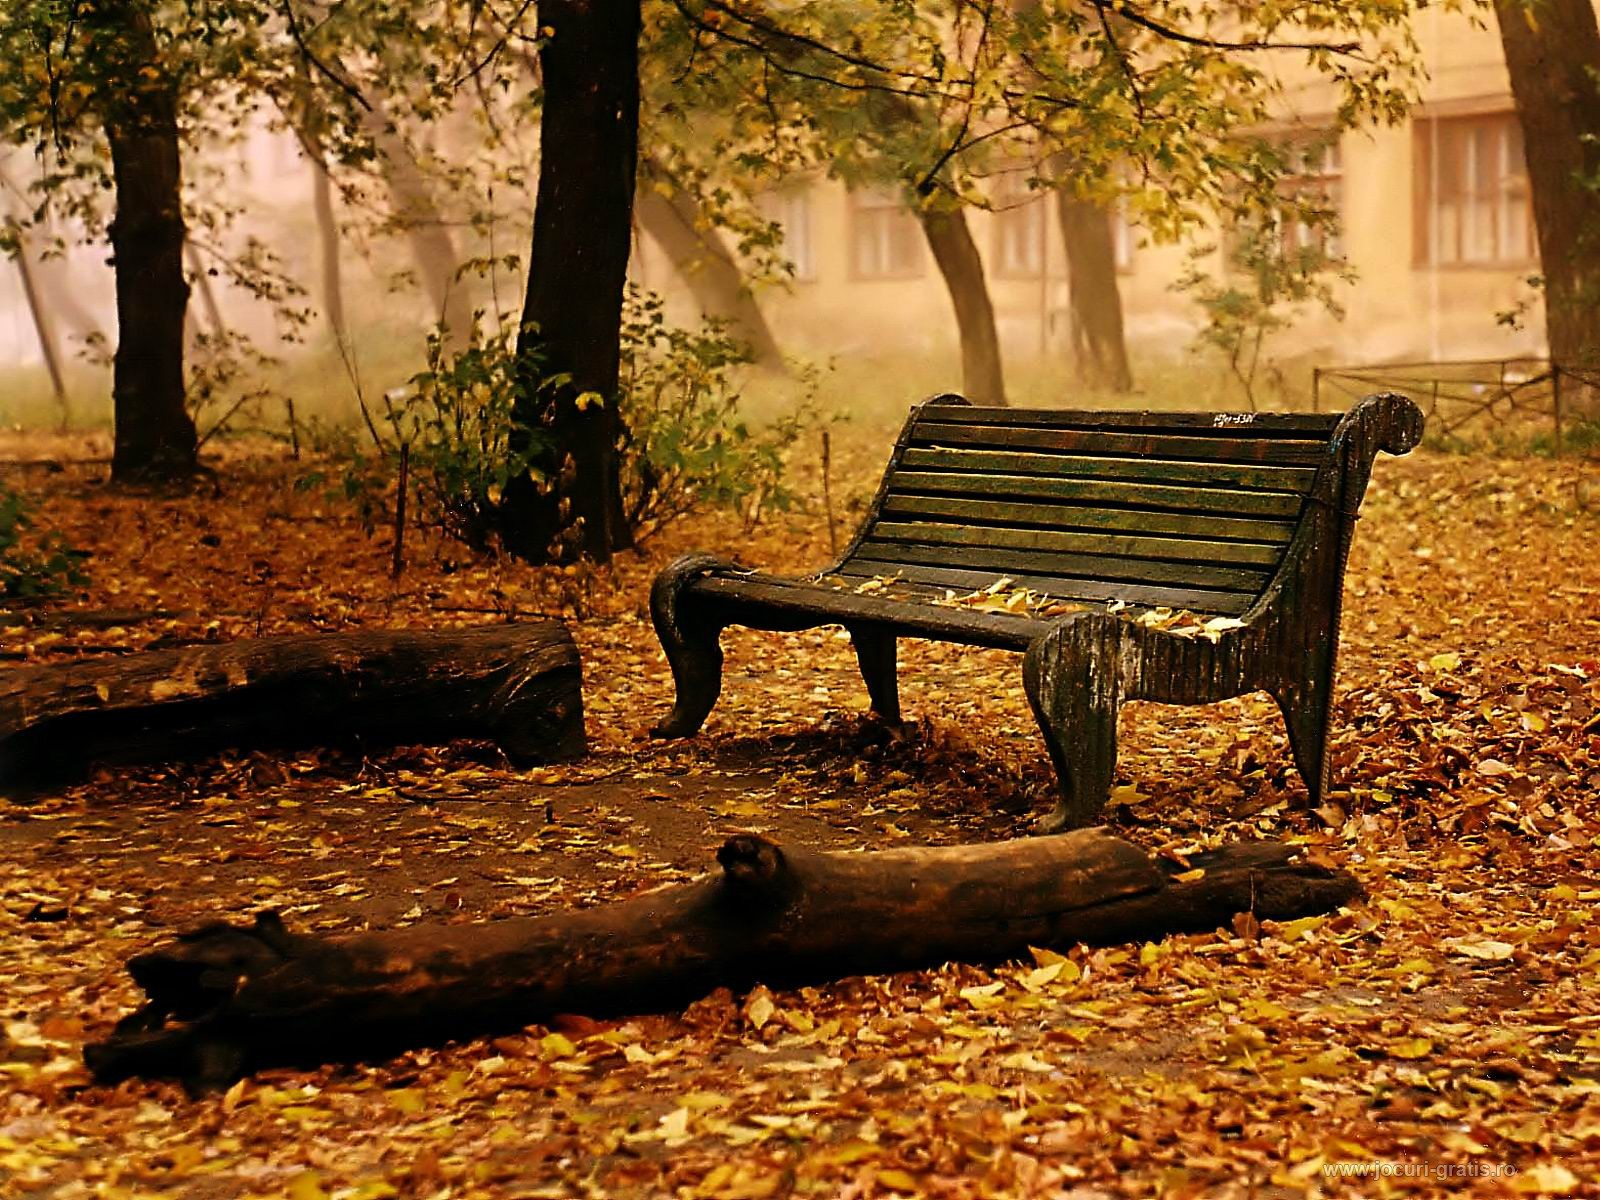 fall desktop backgrounds fall desktop backgrounds windows Desktop 1600x1200